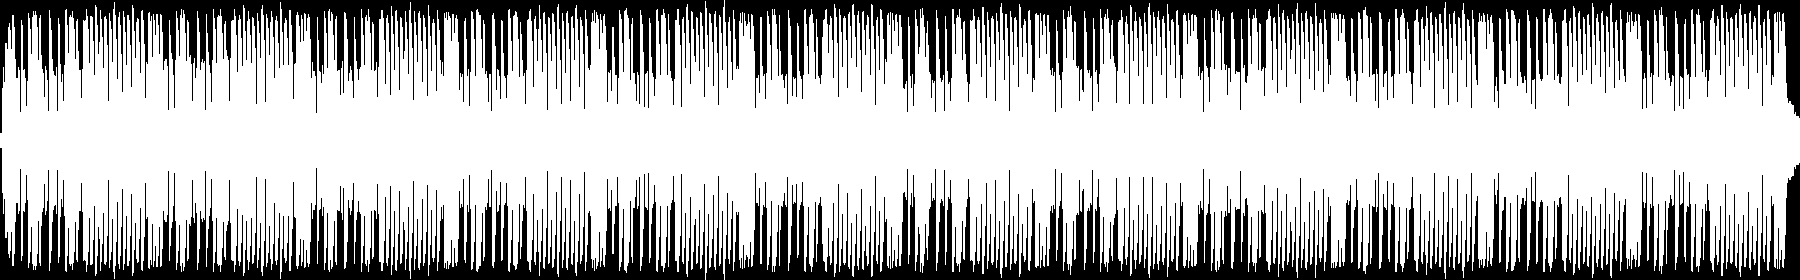 Critical Hi Hats Vol 1 audio waveform